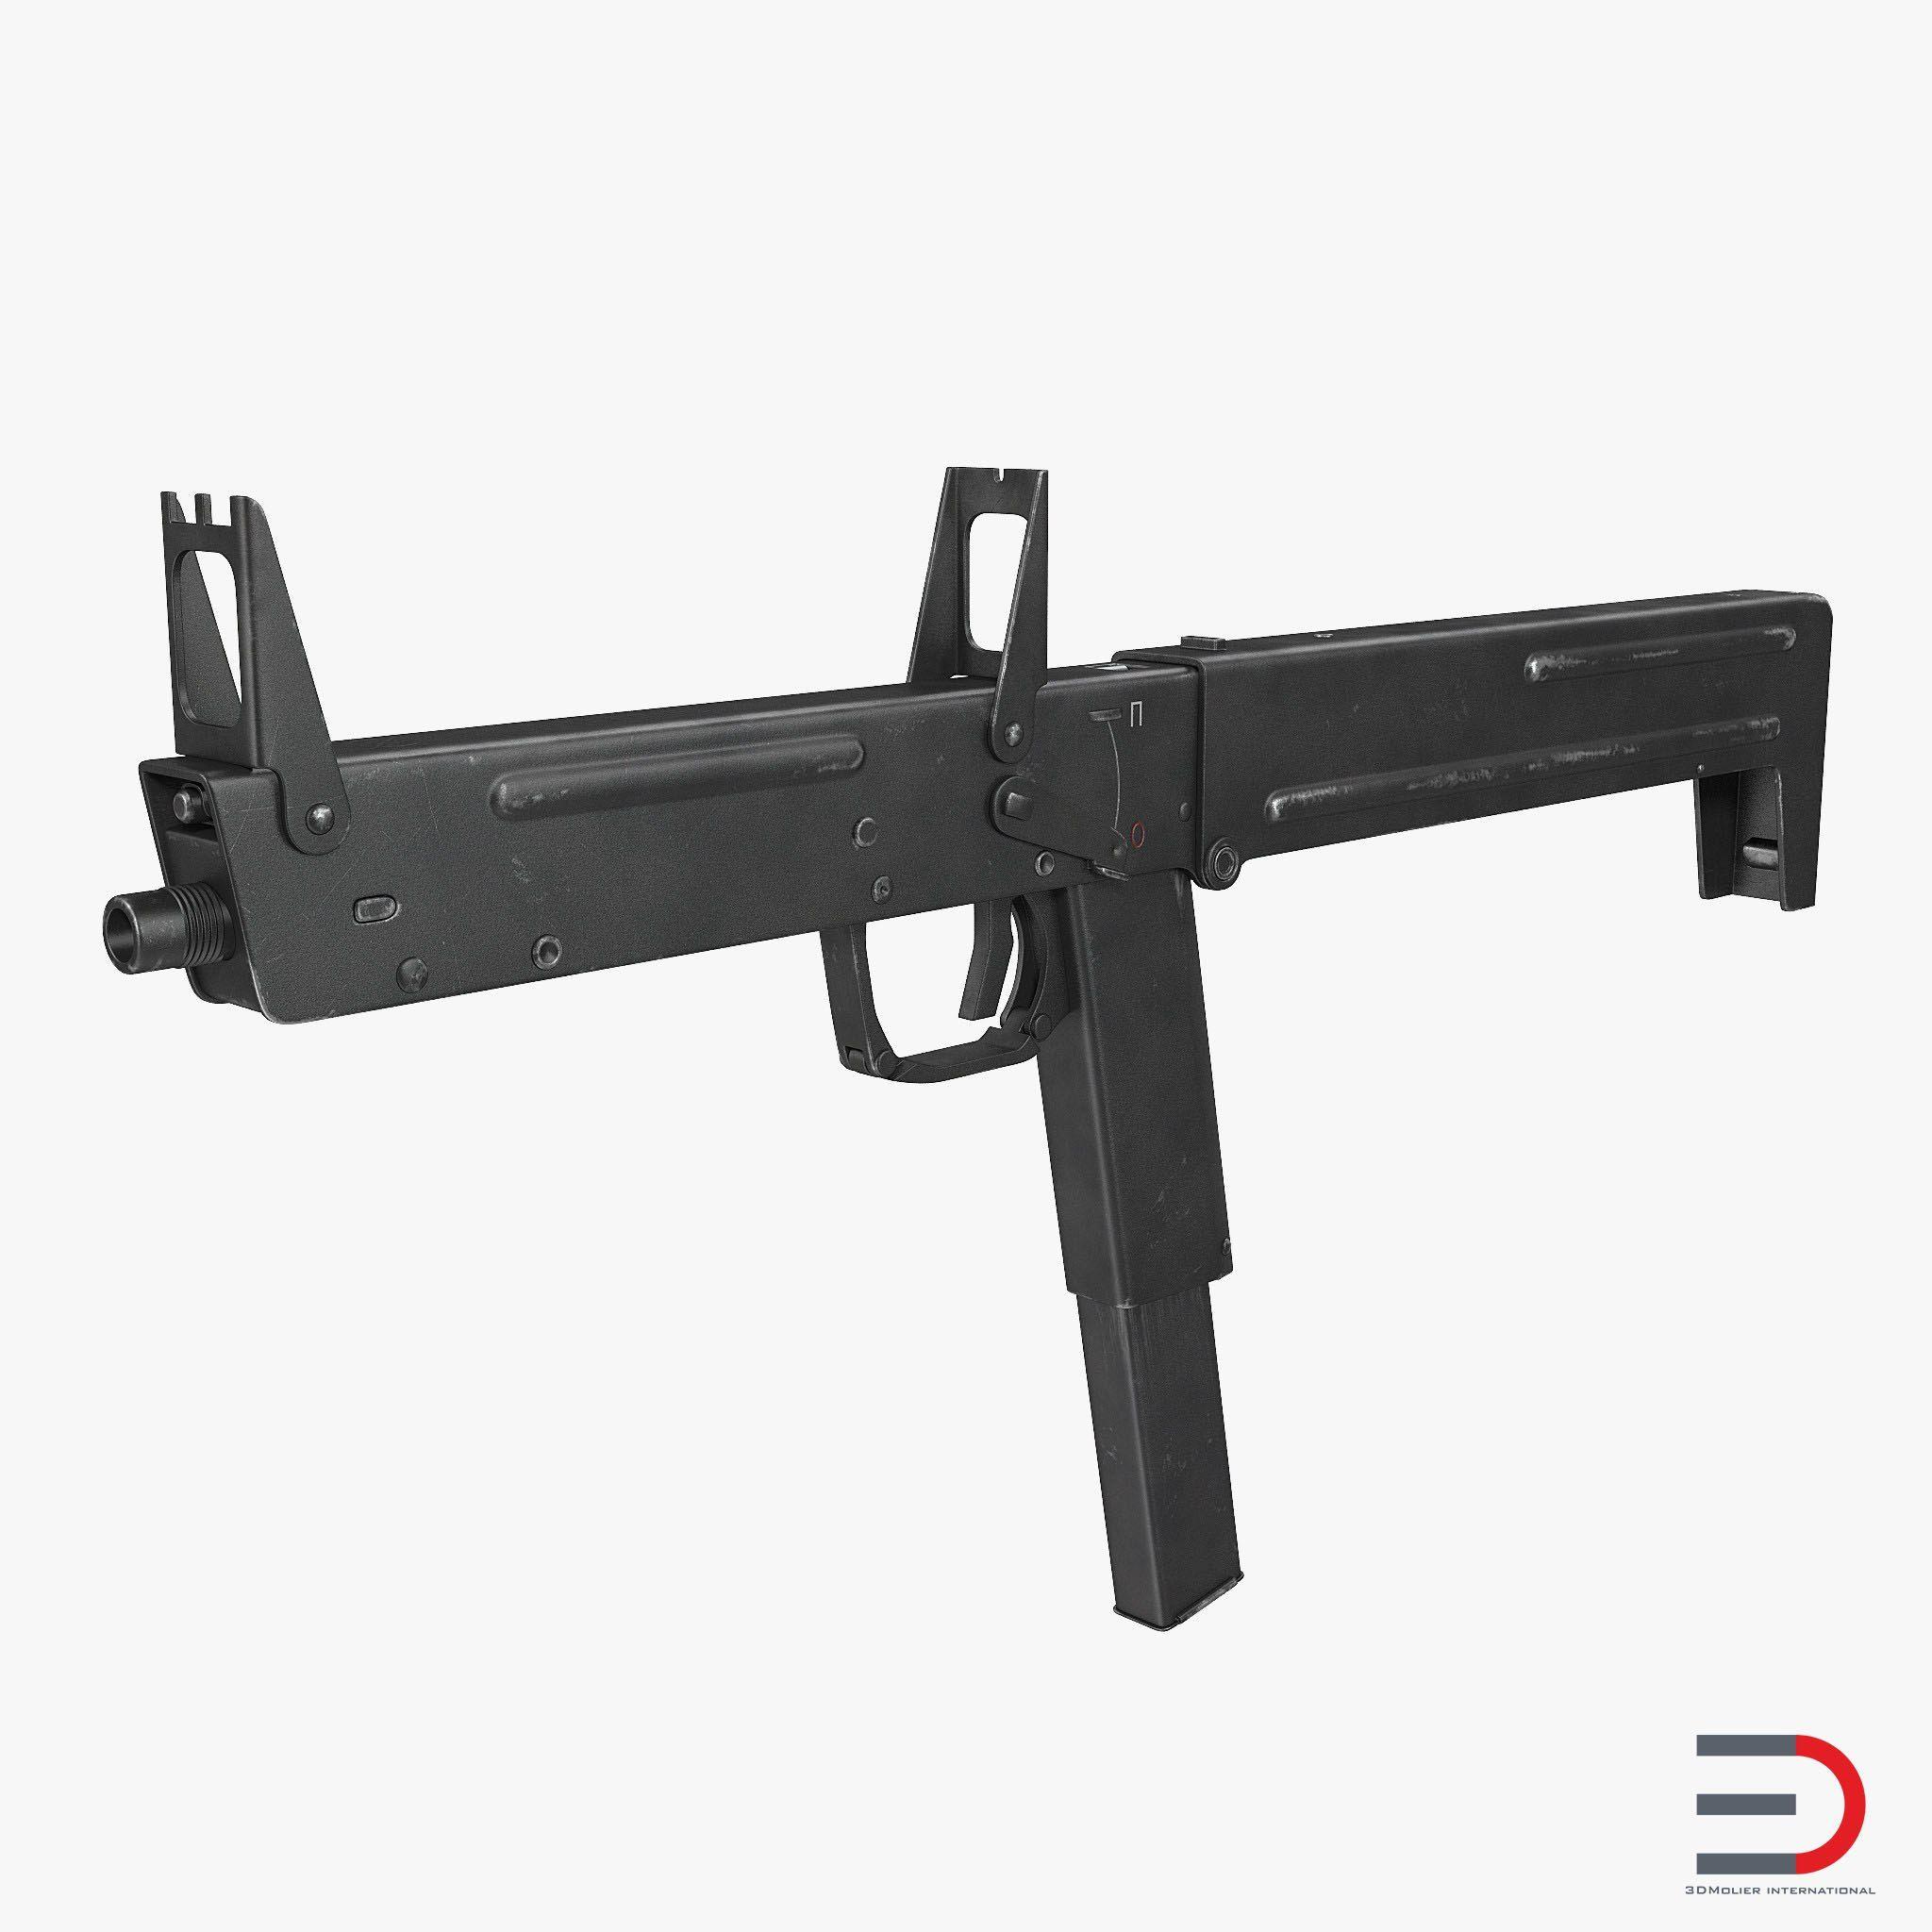 russian folding submachine gun pp 90 smg 3d model guns pinterest rh pinterest com Kriss Vector Super V Pistol Kriss Vector Super V Pistol